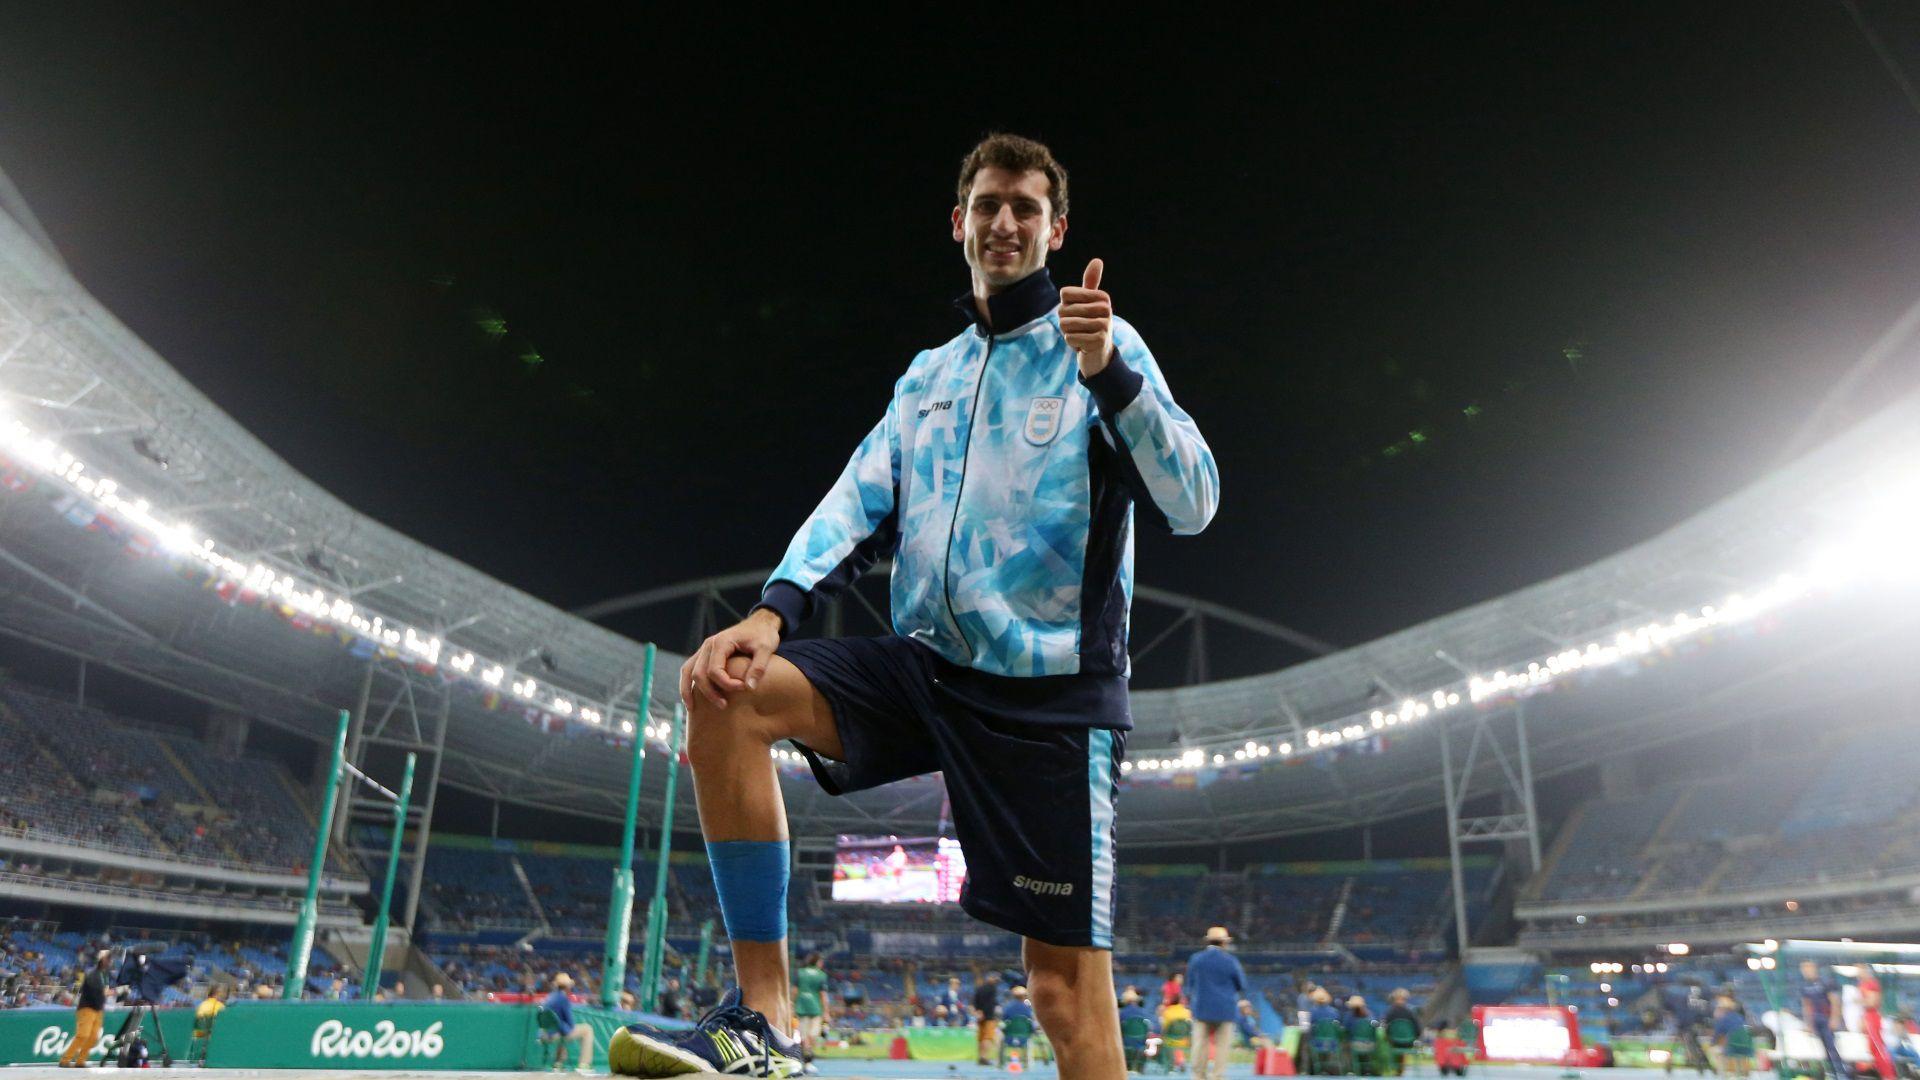 Germán Chiaraviglio iba a representar a Argentina en su tercer Juego Olímpico (Foto: Télam)